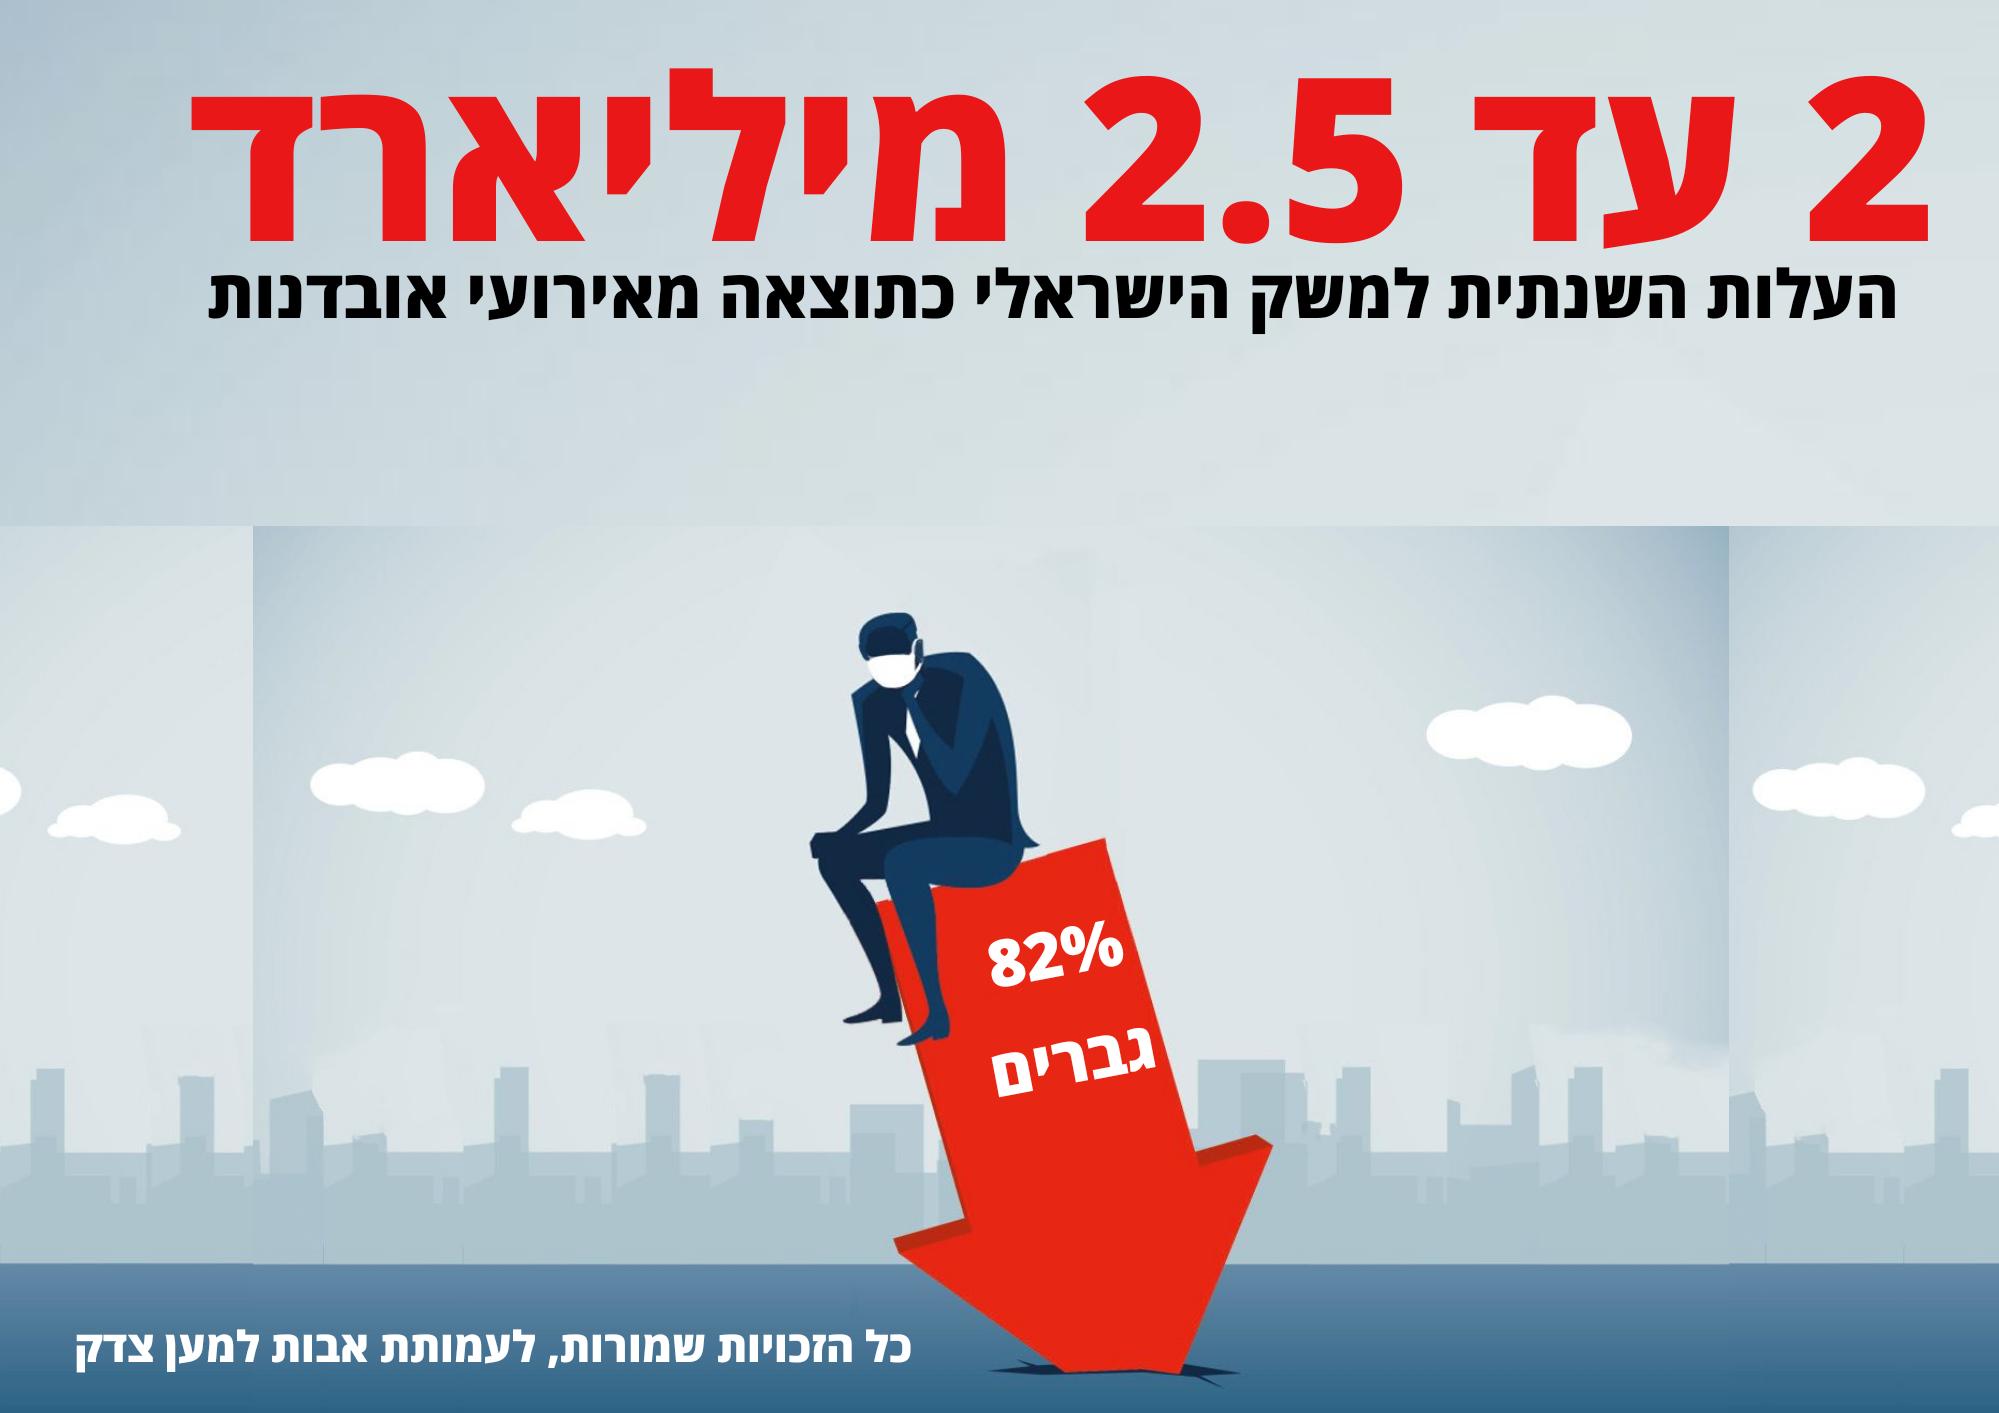 עלות האובדנות למשק הישראלי